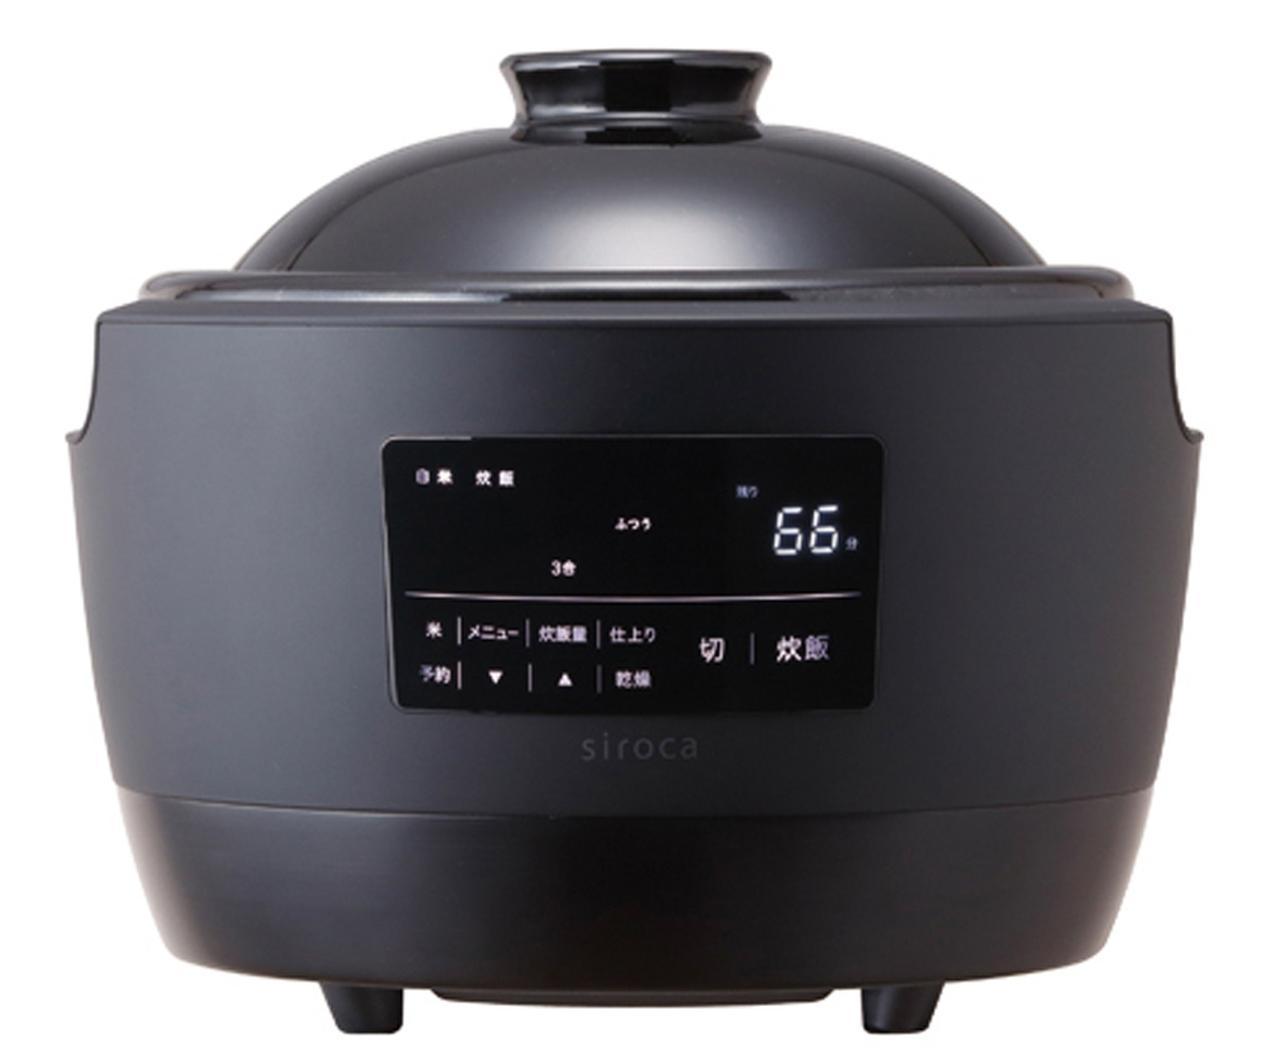 画像4: ますますパワーアップした〝スゴ腕〟IH炊飯器で極上のご飯を味わう!